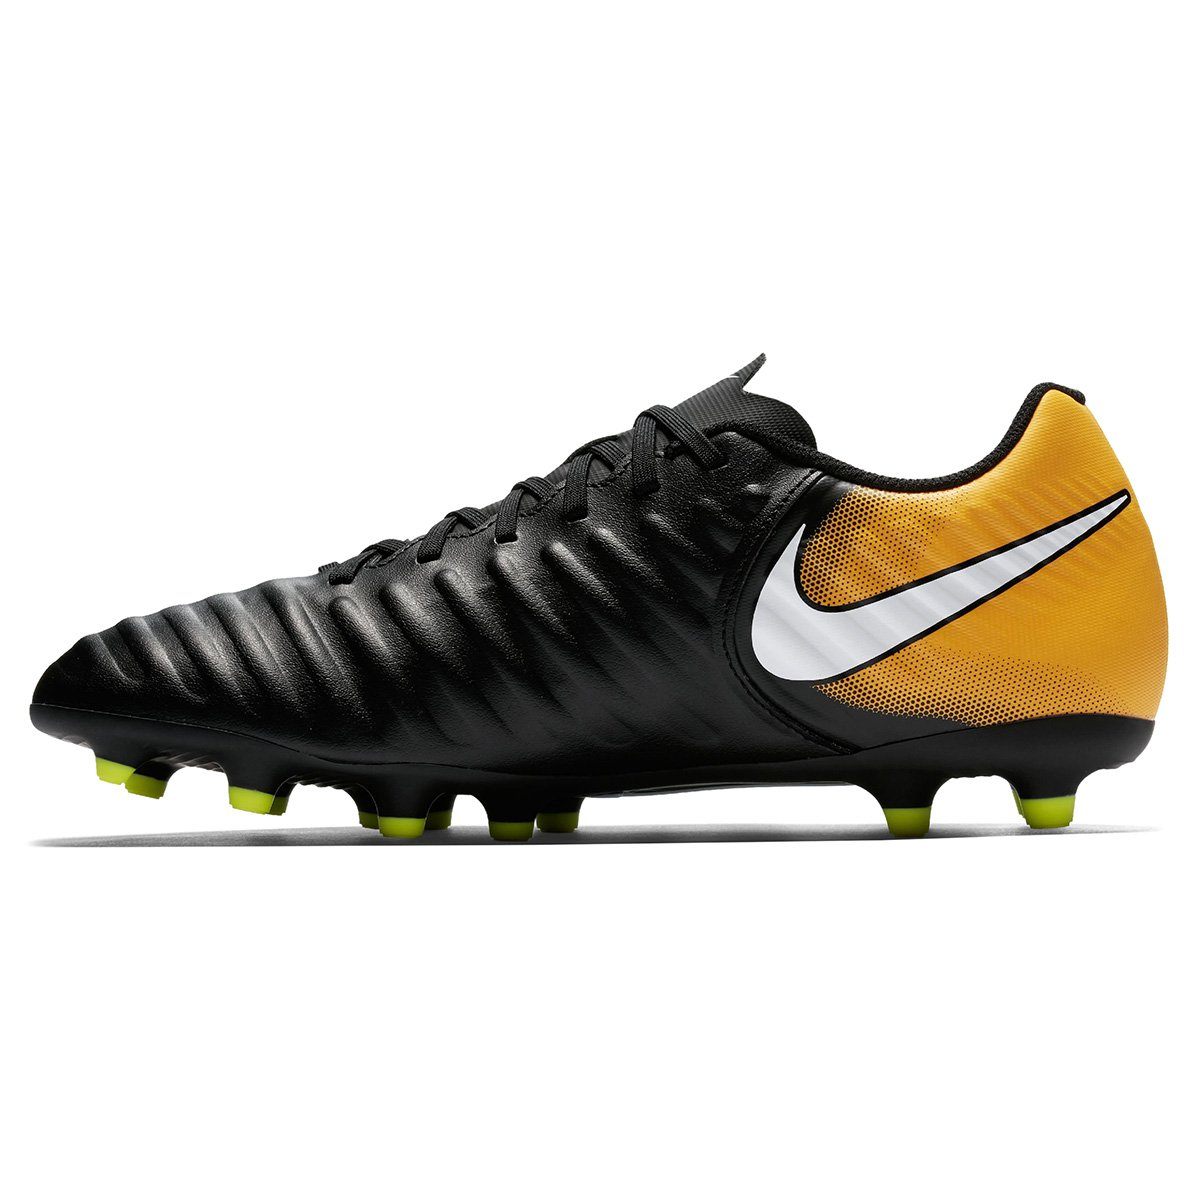 4bd861cadb Chuteira Campo Nike Tiempo Rio 4 FG - Preto e Laranja - Compre Agora ...